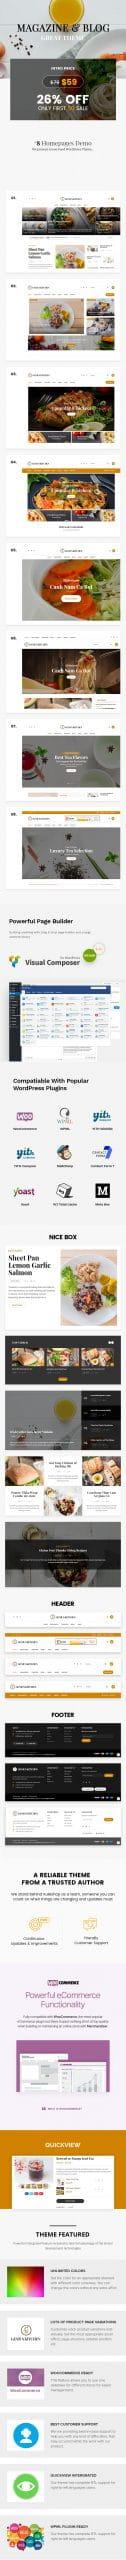 Genius Kitchen - Restaurant News Magazine and Blog